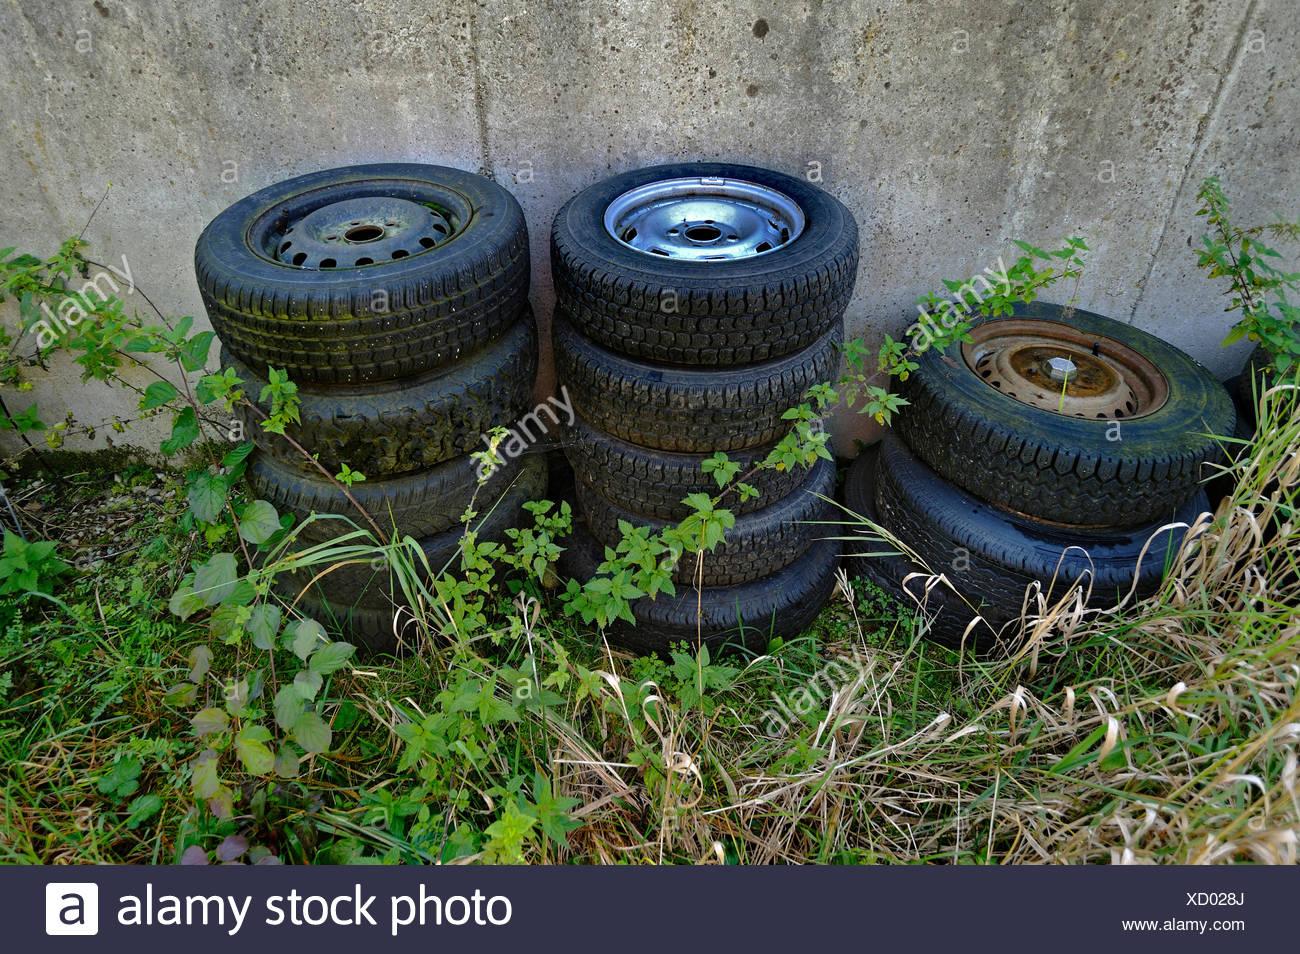 Vecchia auto pneumatici tra ortiche, Schaeftlarn, Bavaria Immagini Stock